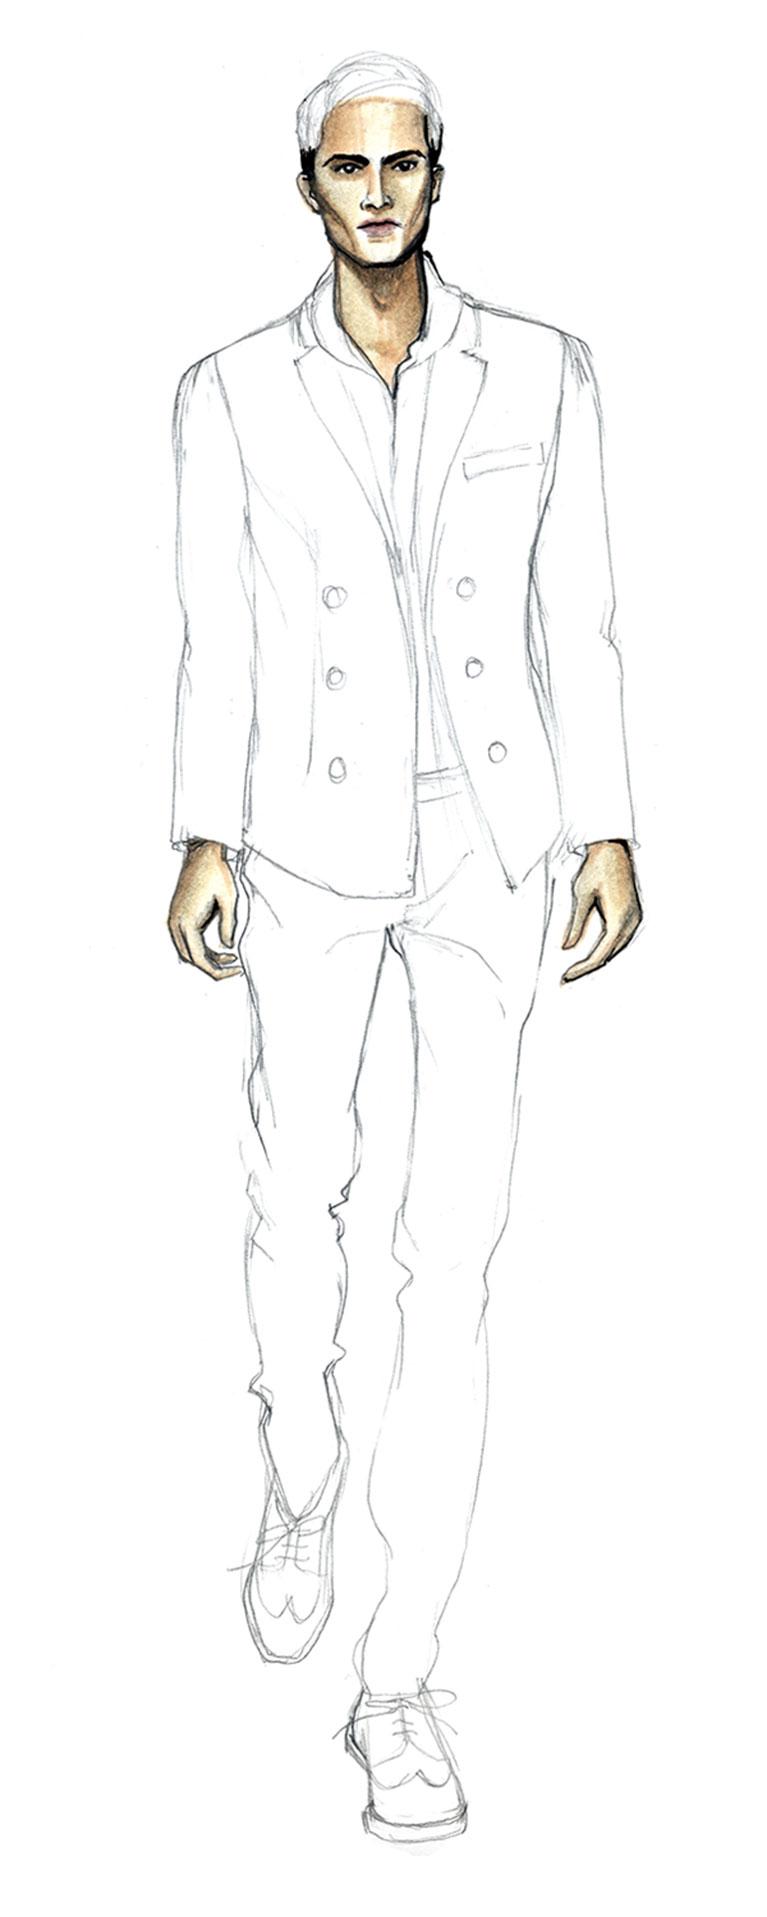 Drawn shoe male #2